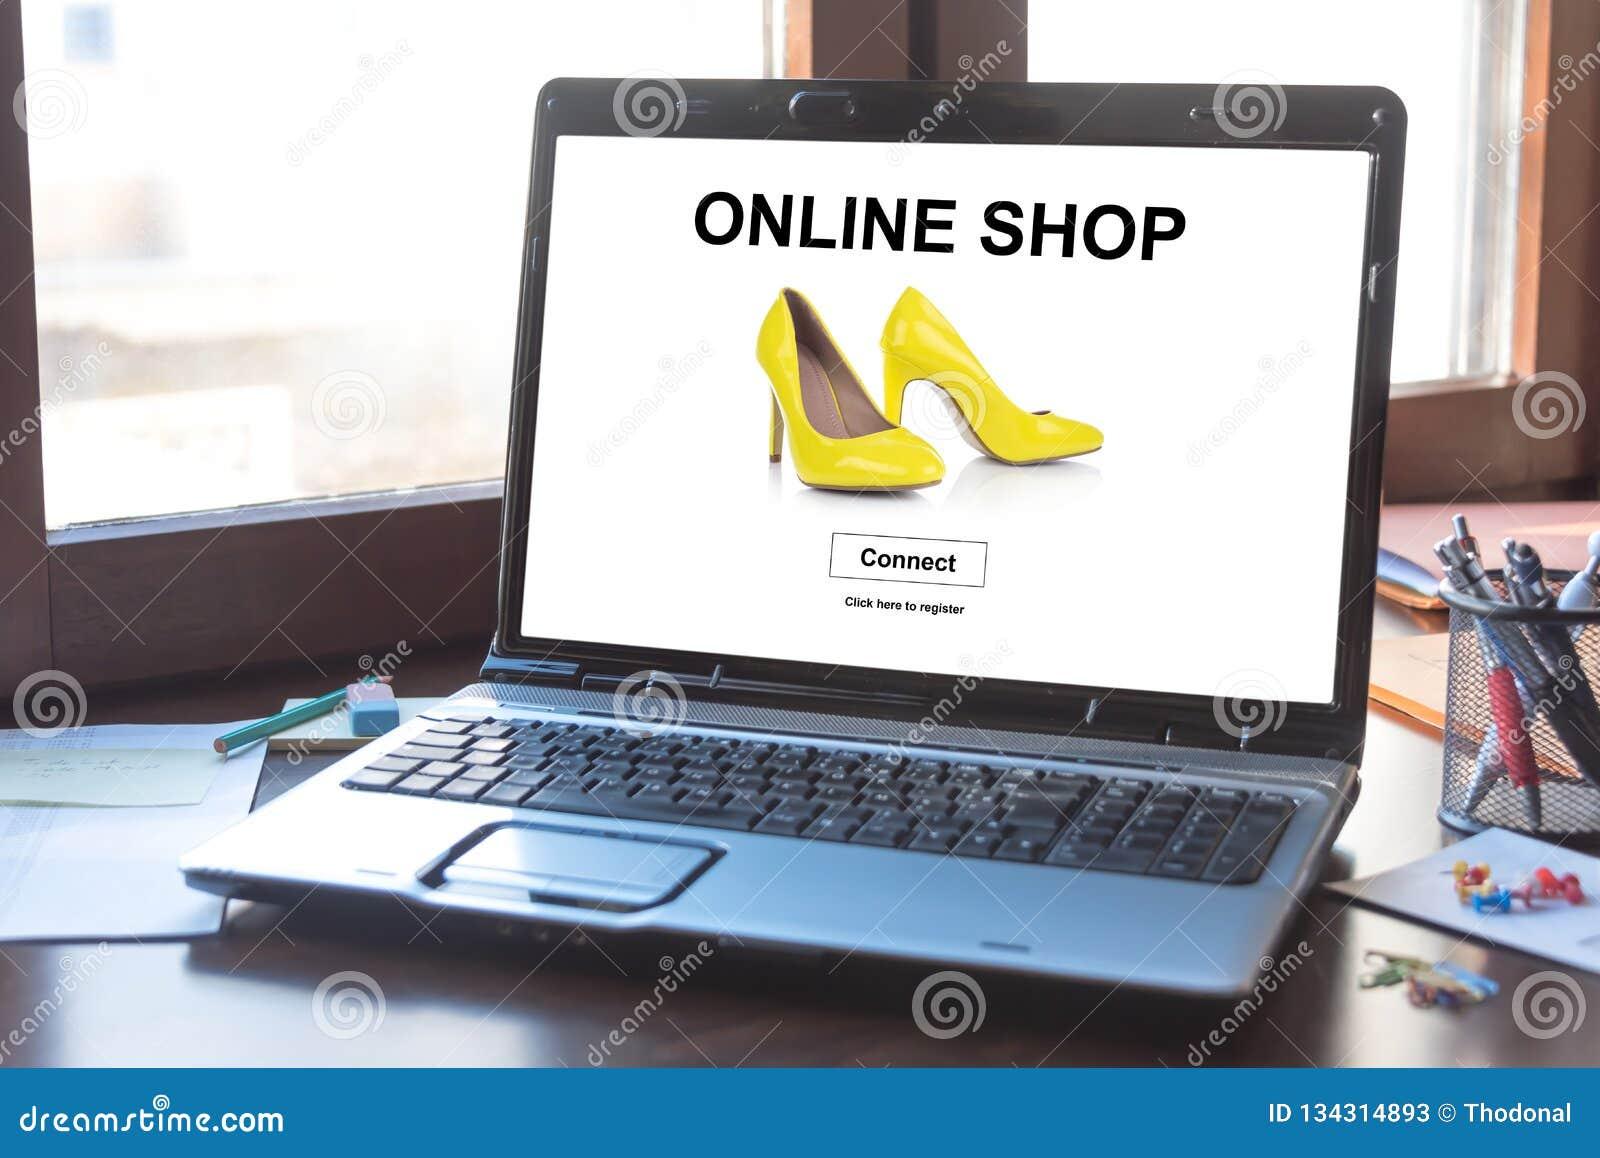 在膝上型计算机屏幕上的网上商店概念